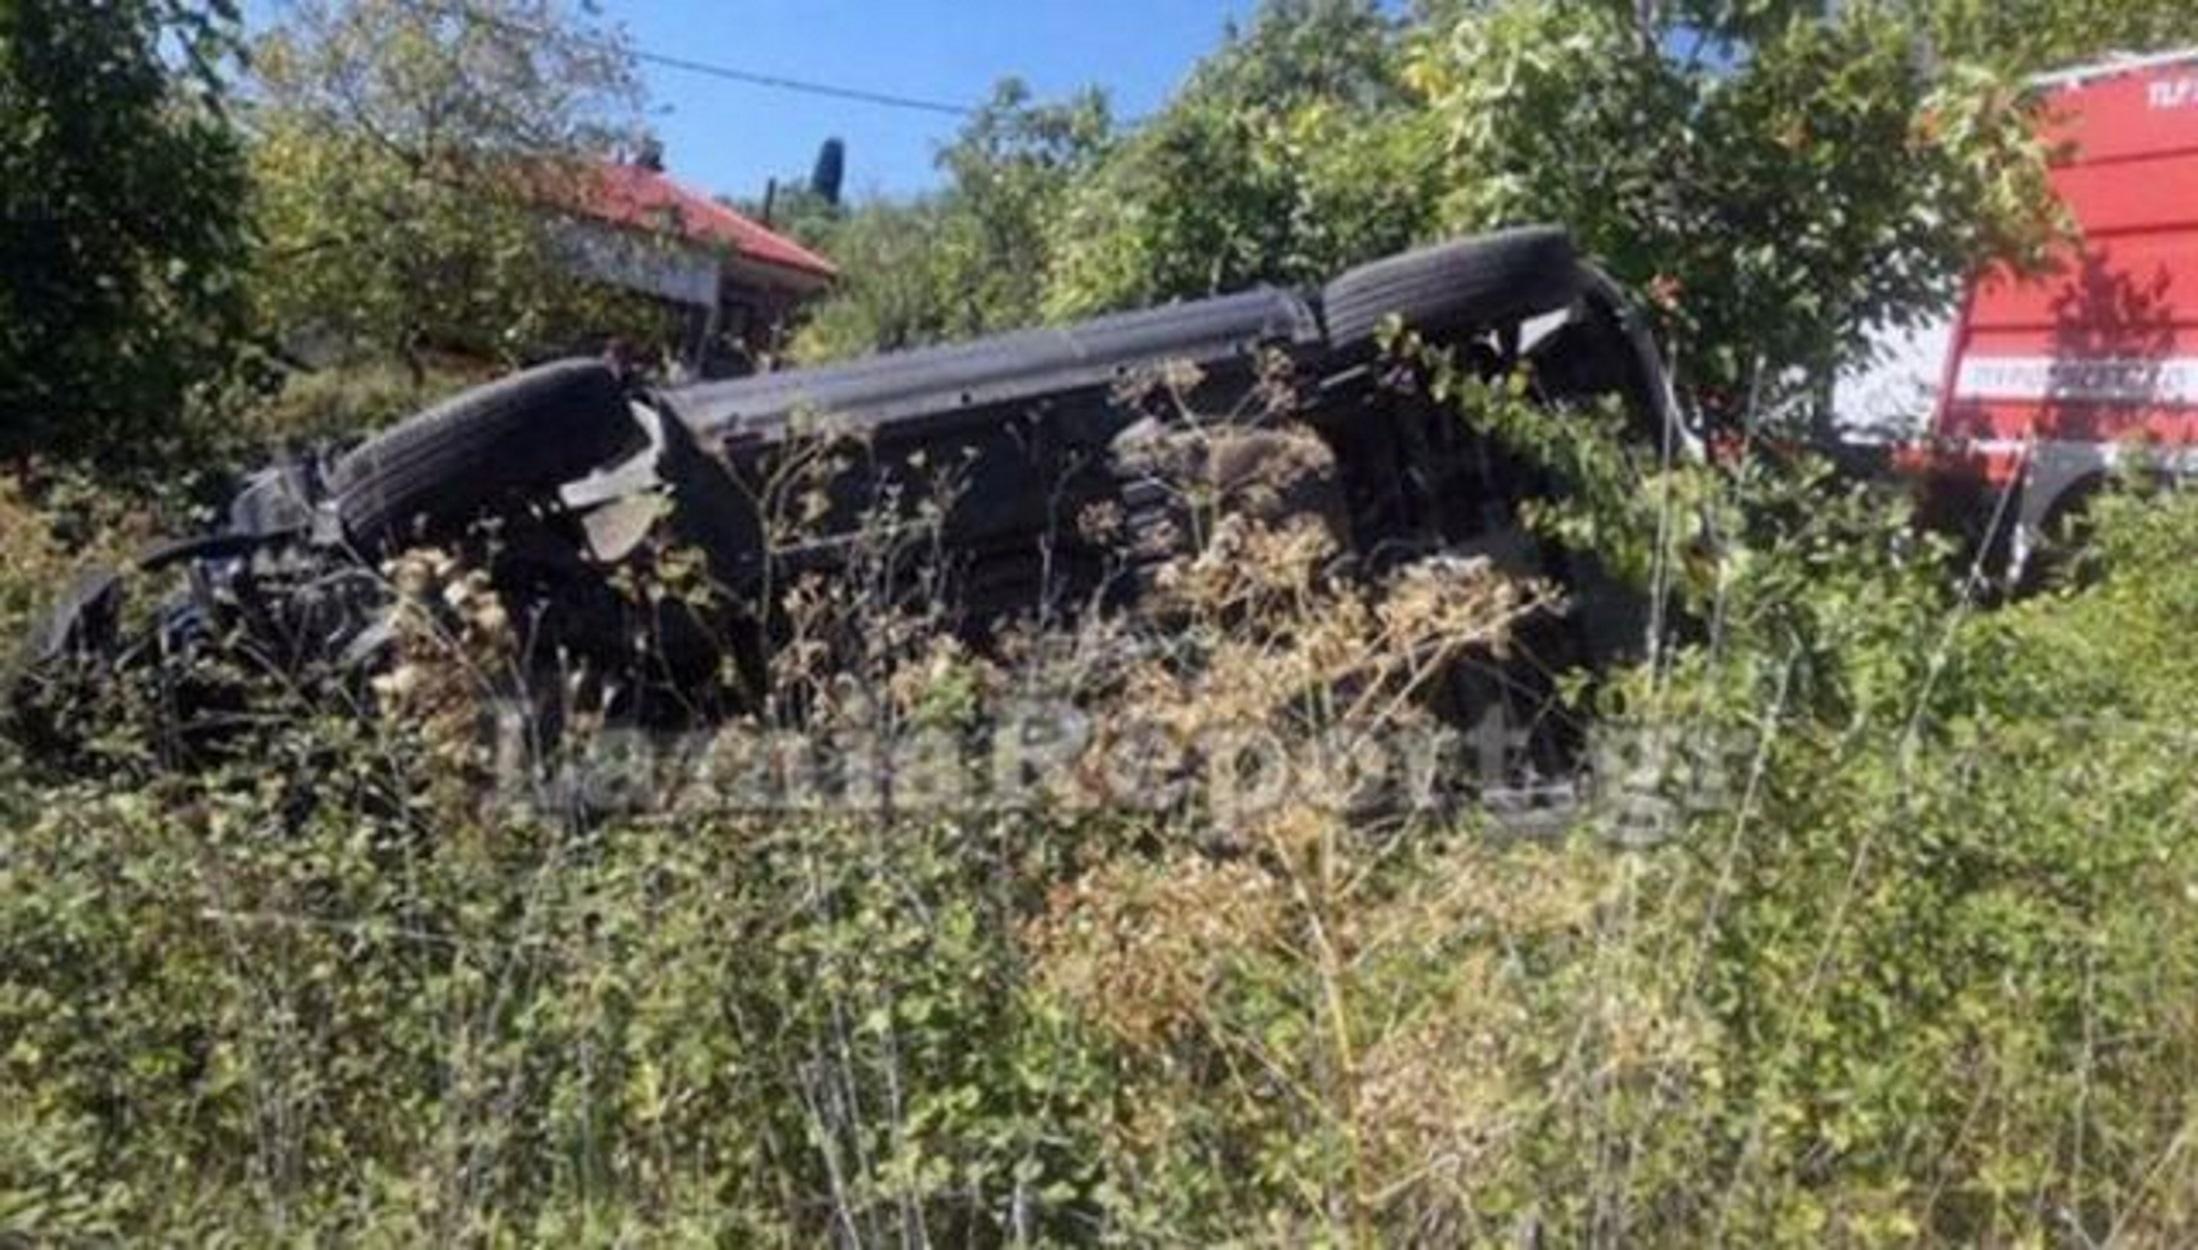 Τραγωδία: Οδηγός έβαλε όπισθεν και έπεσε σε βαθύ γκρεμό